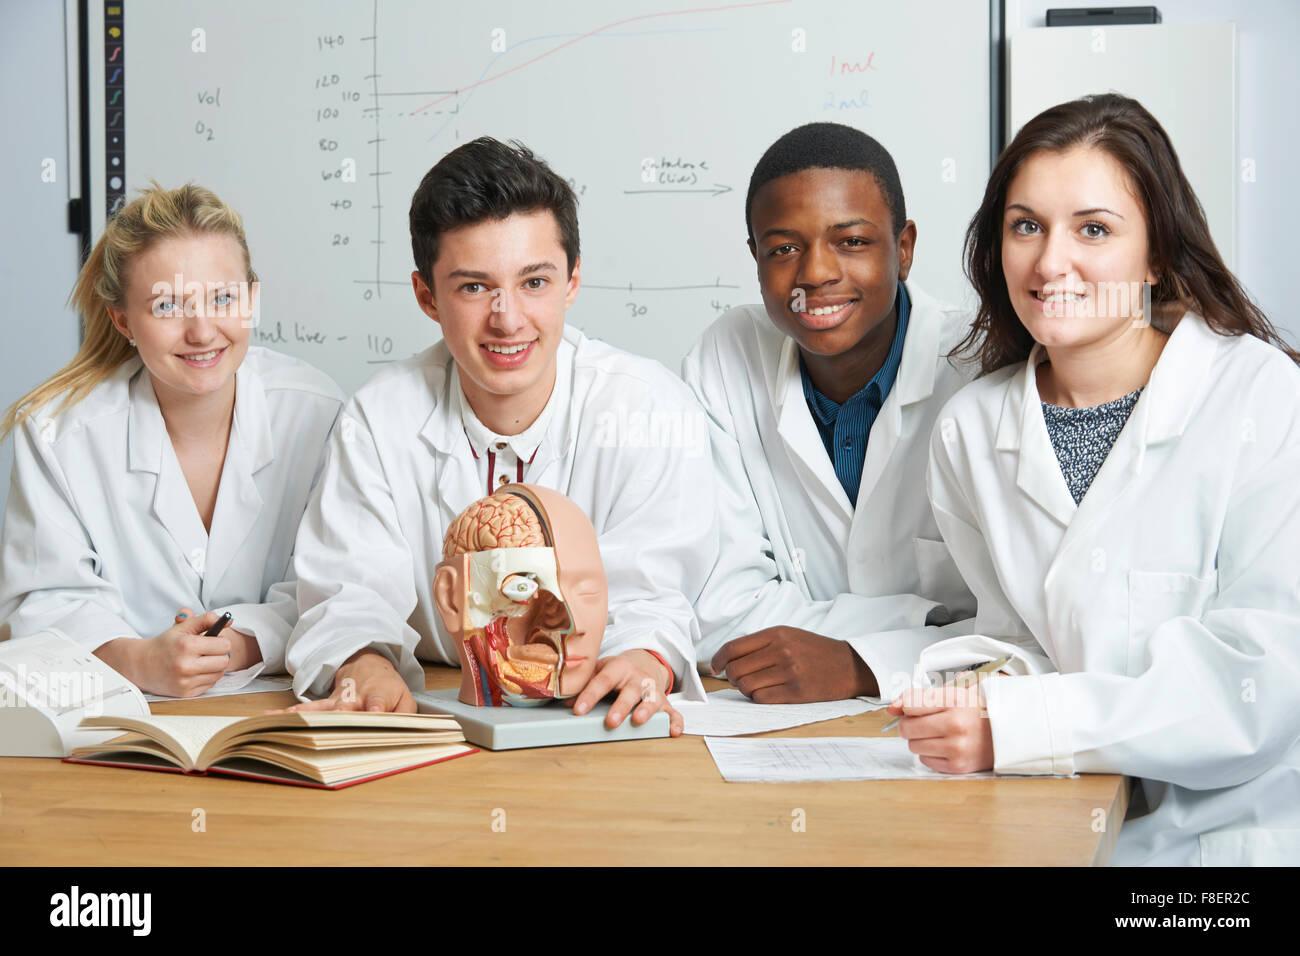 Groupe d'étudiants en classe de biologie Photo Stock